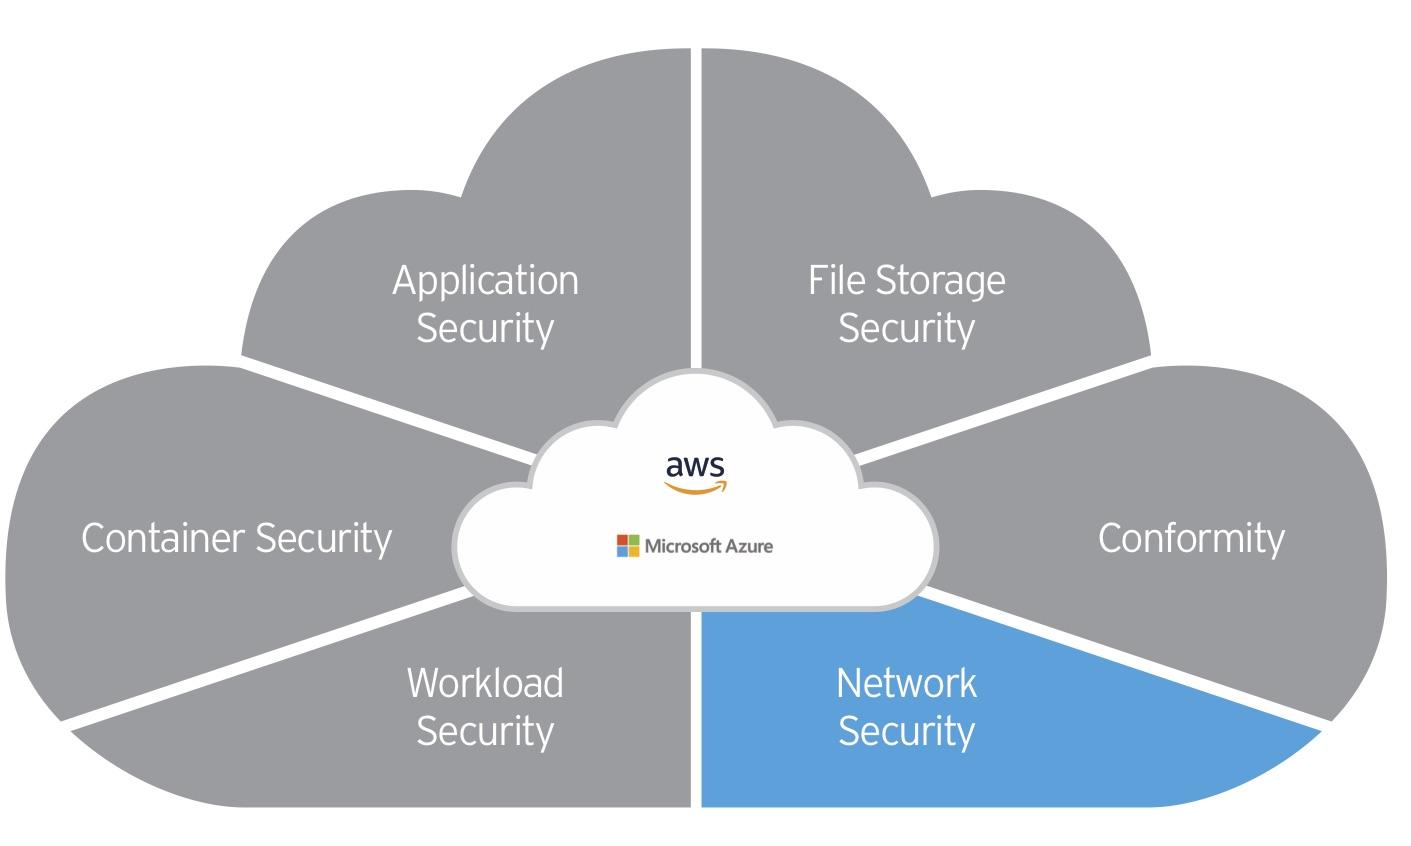 趨勢科技發表輕鬆、快速的雲端網路防護來滿足每位客戶的需求